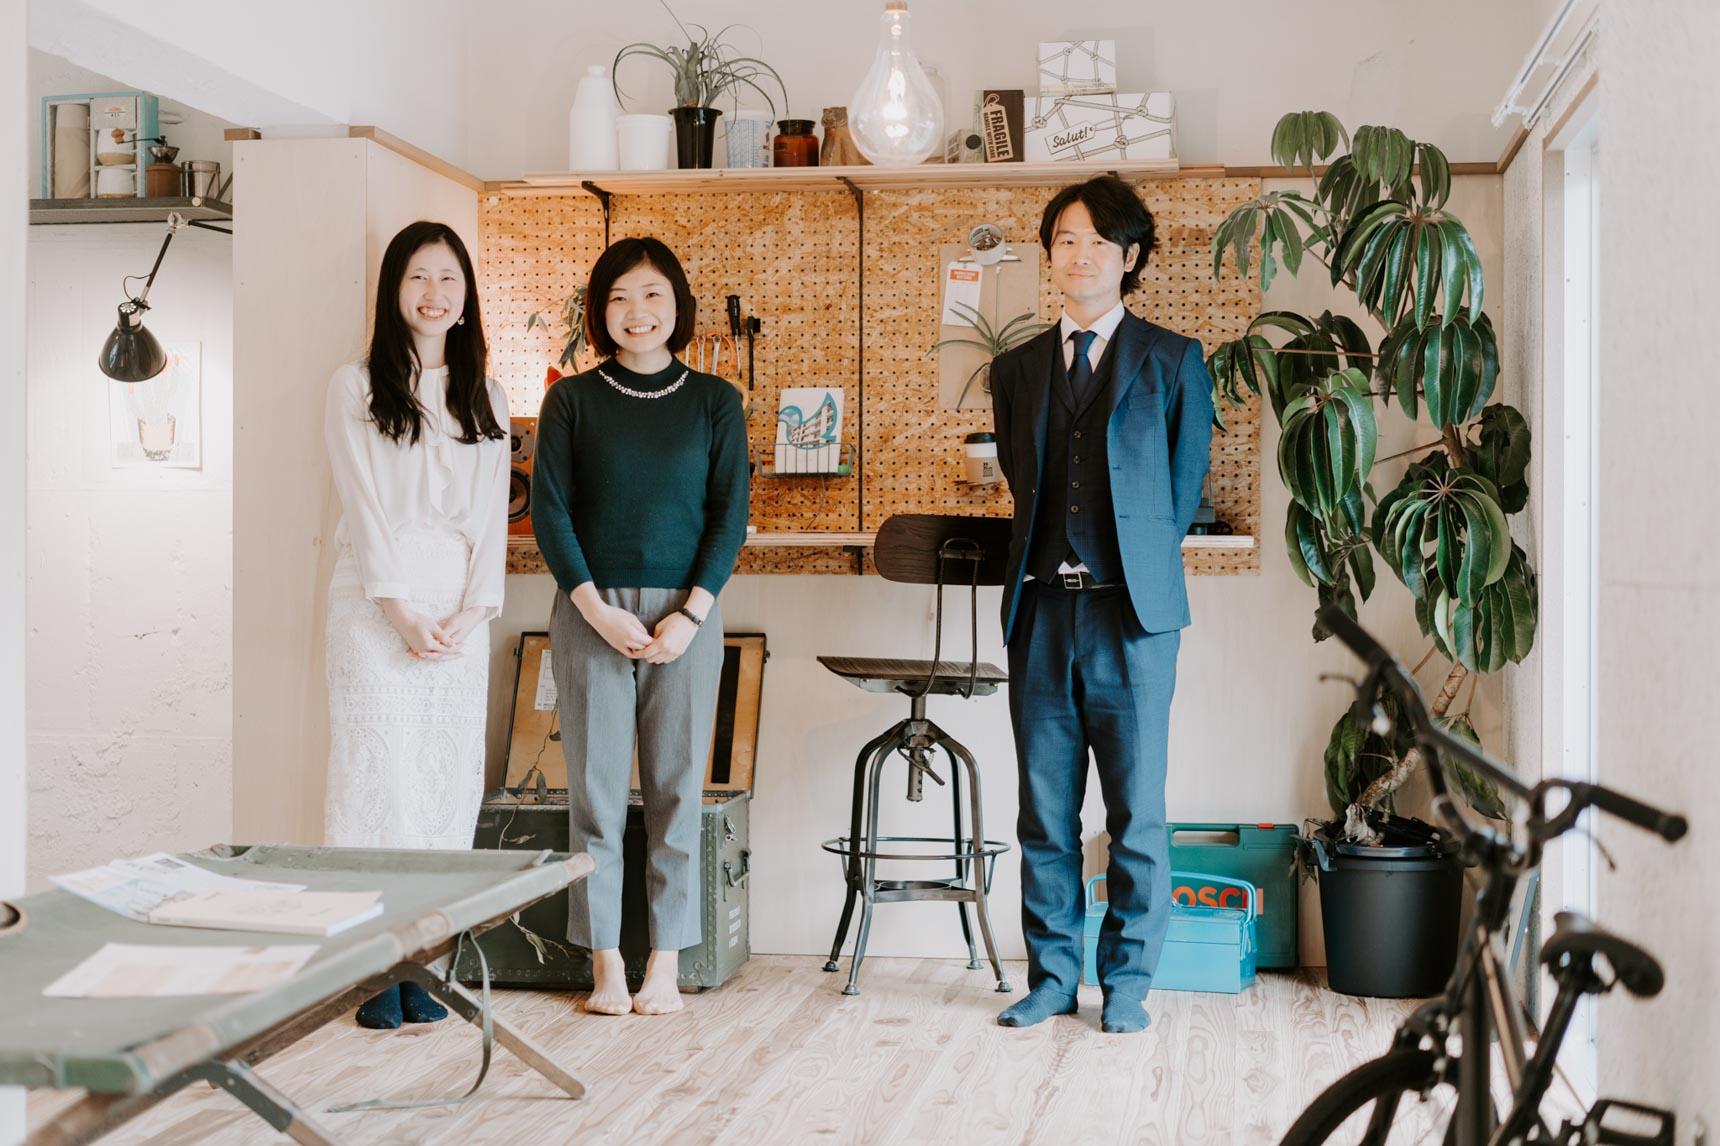 ご案内いただいたのは、左から、このプロジェクトの企画・運営・管理を手がける株式会社フージャースアセットマネジメントの田村さん、朝倉さん、高田さん。